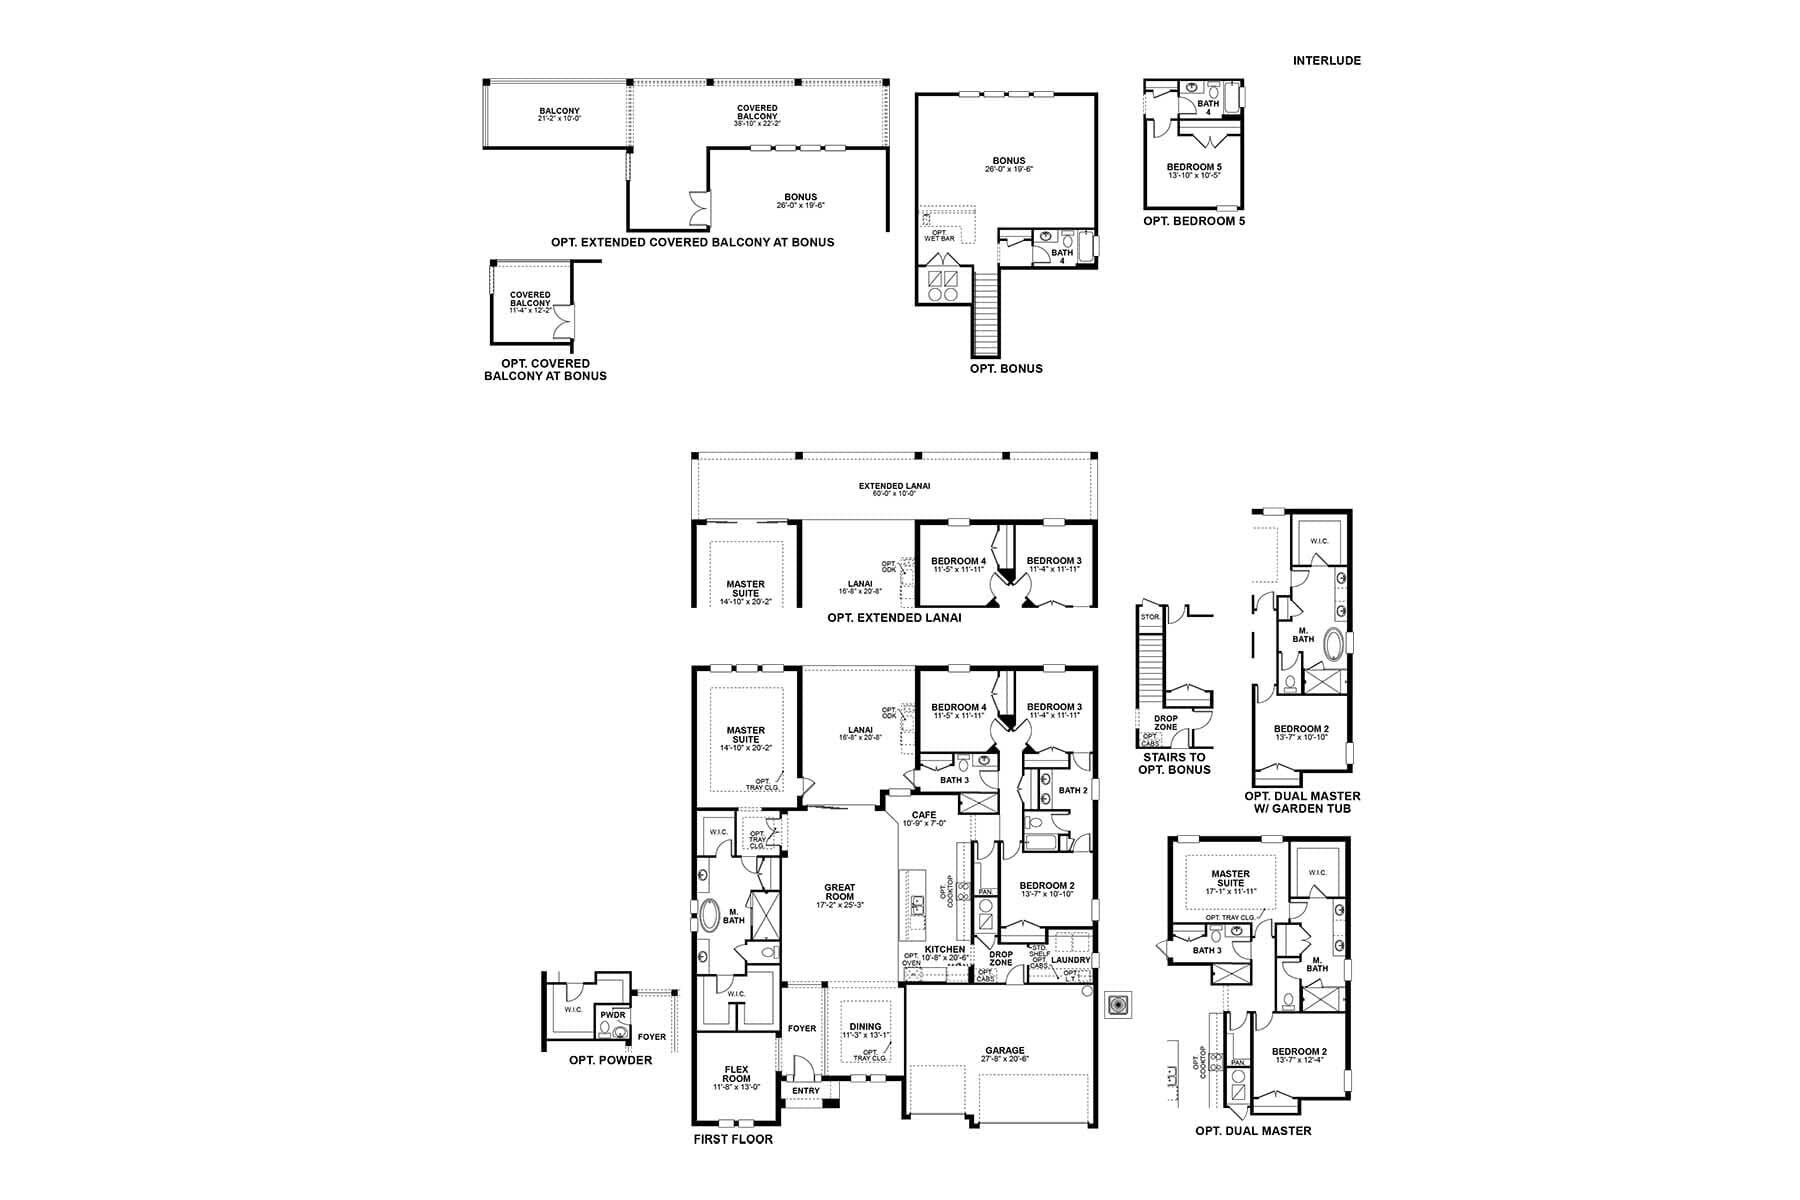 Interlude Floorplan